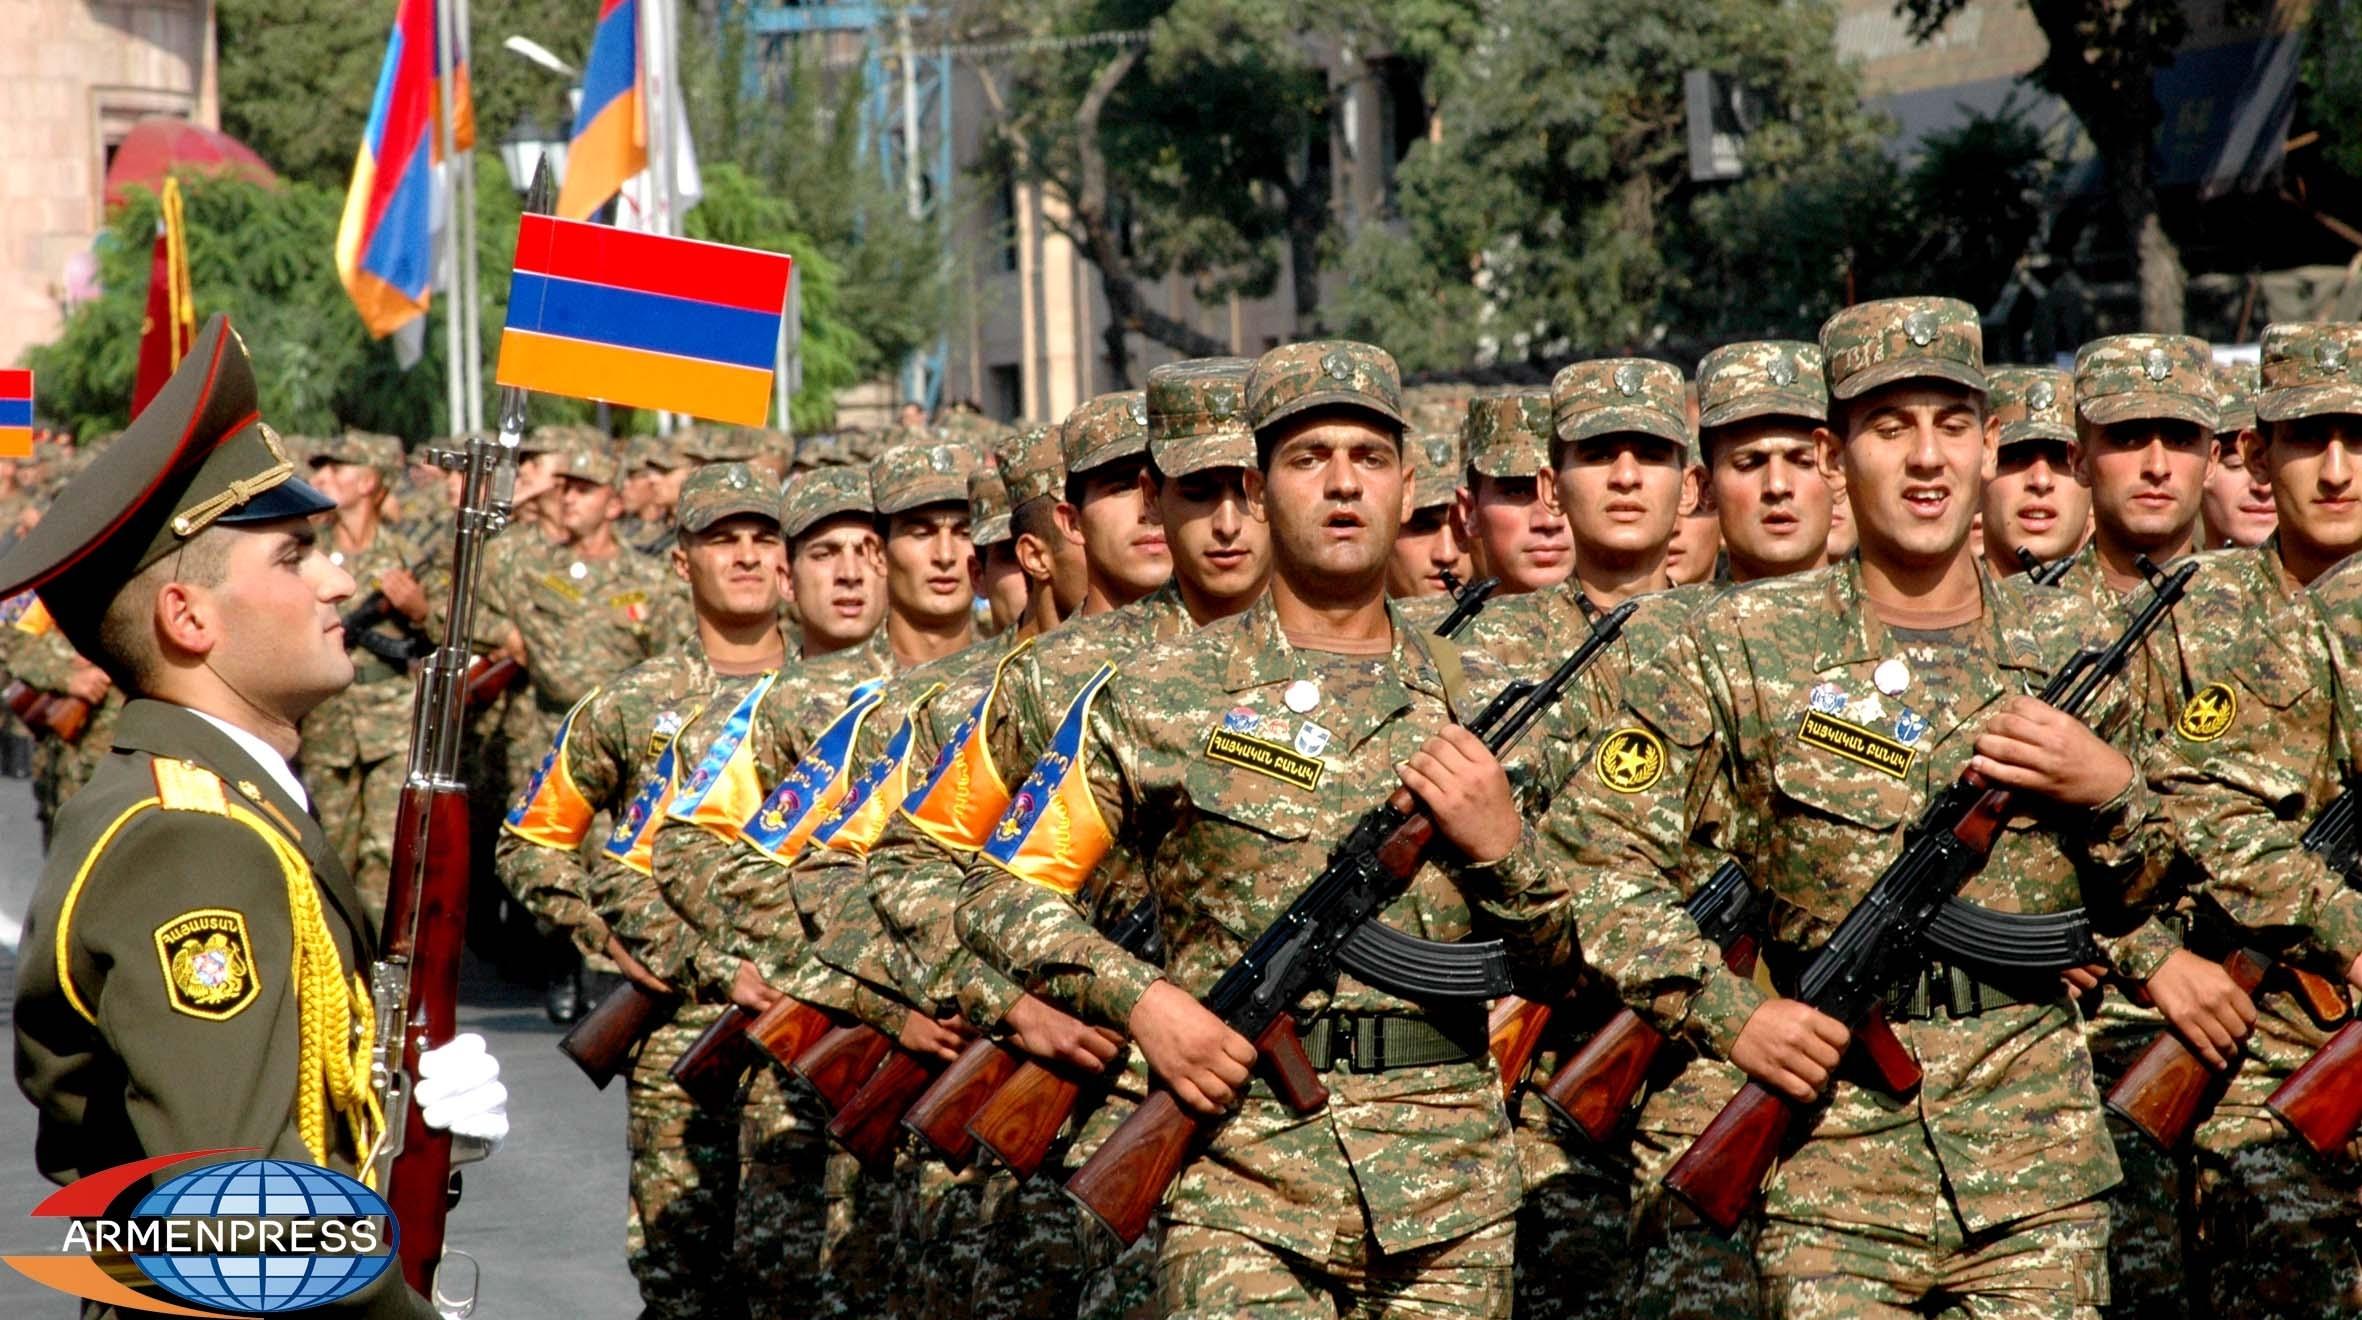 Այսօր Հայաստանը նշում է բանակի կազմավորման 27-րդ տարեդարձը